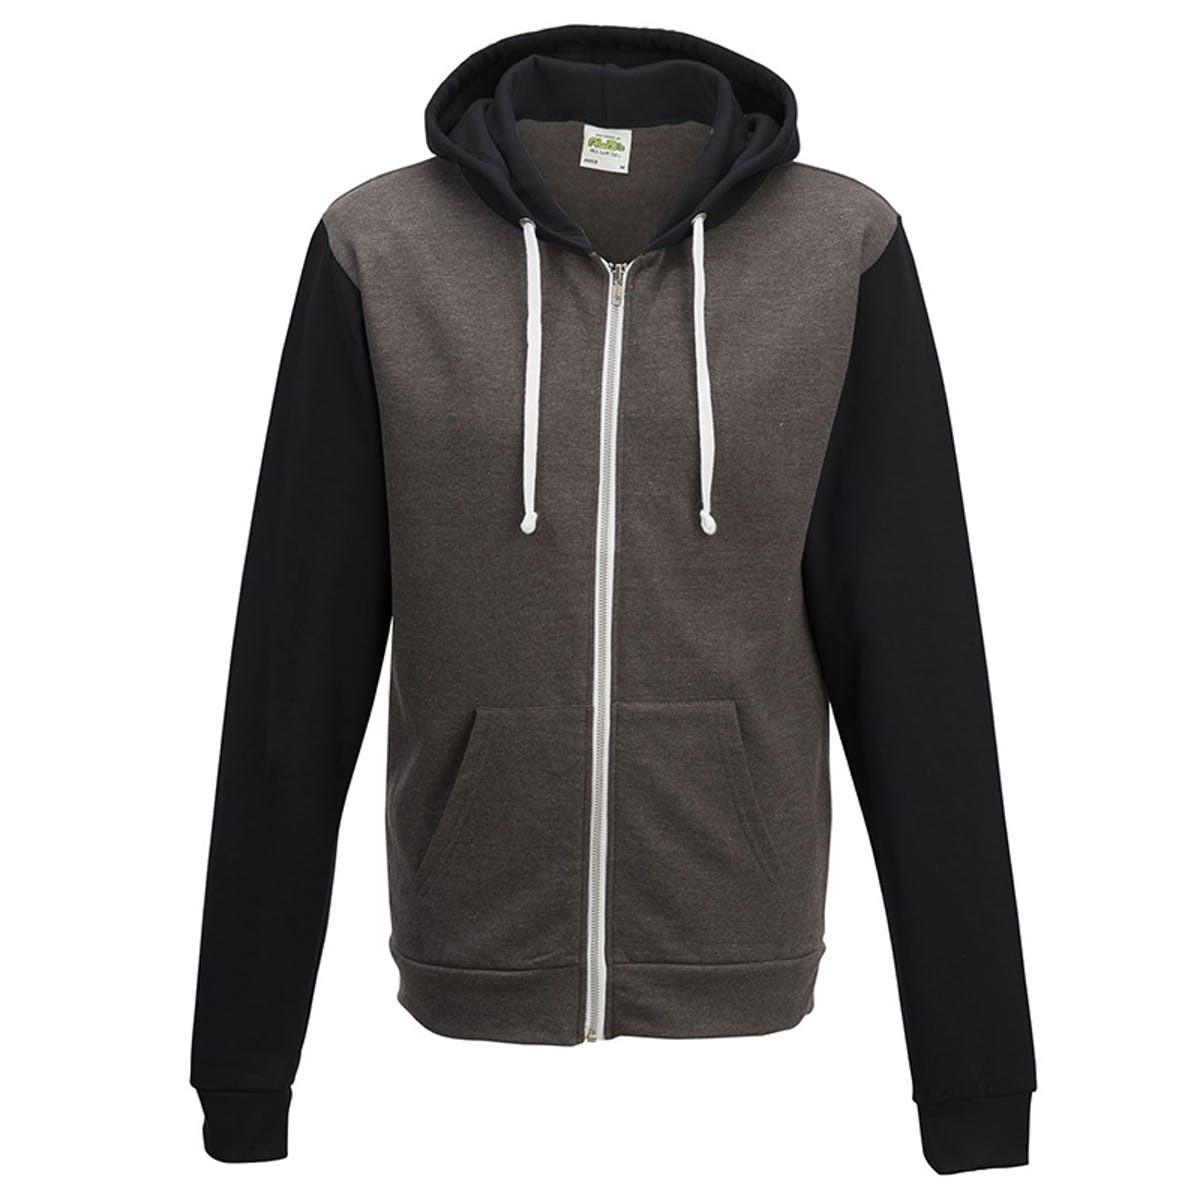 Two-Tone Zip Jacket 92300